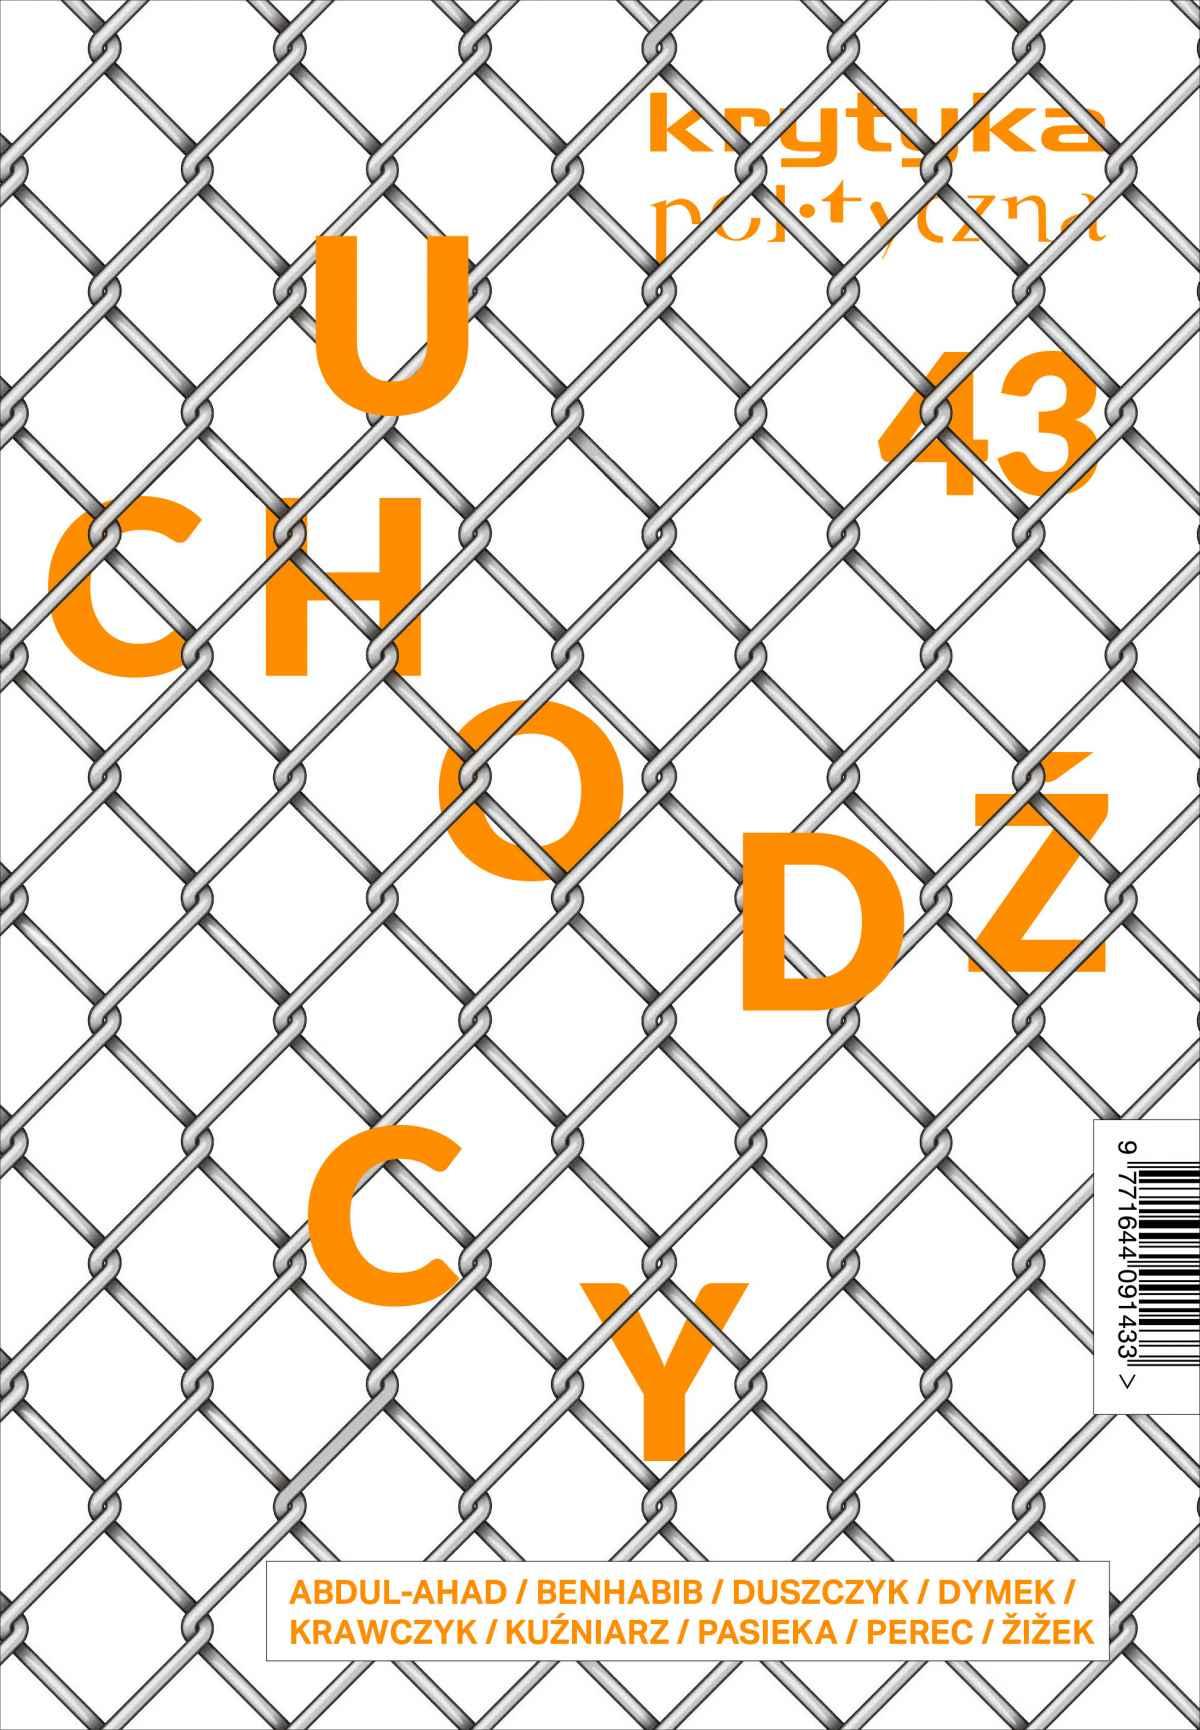 """Krytyka Polityczna nr 43 """"Uchodźcy"""" - Ebook (Książka EPUB) do pobrania w formacie EPUB"""